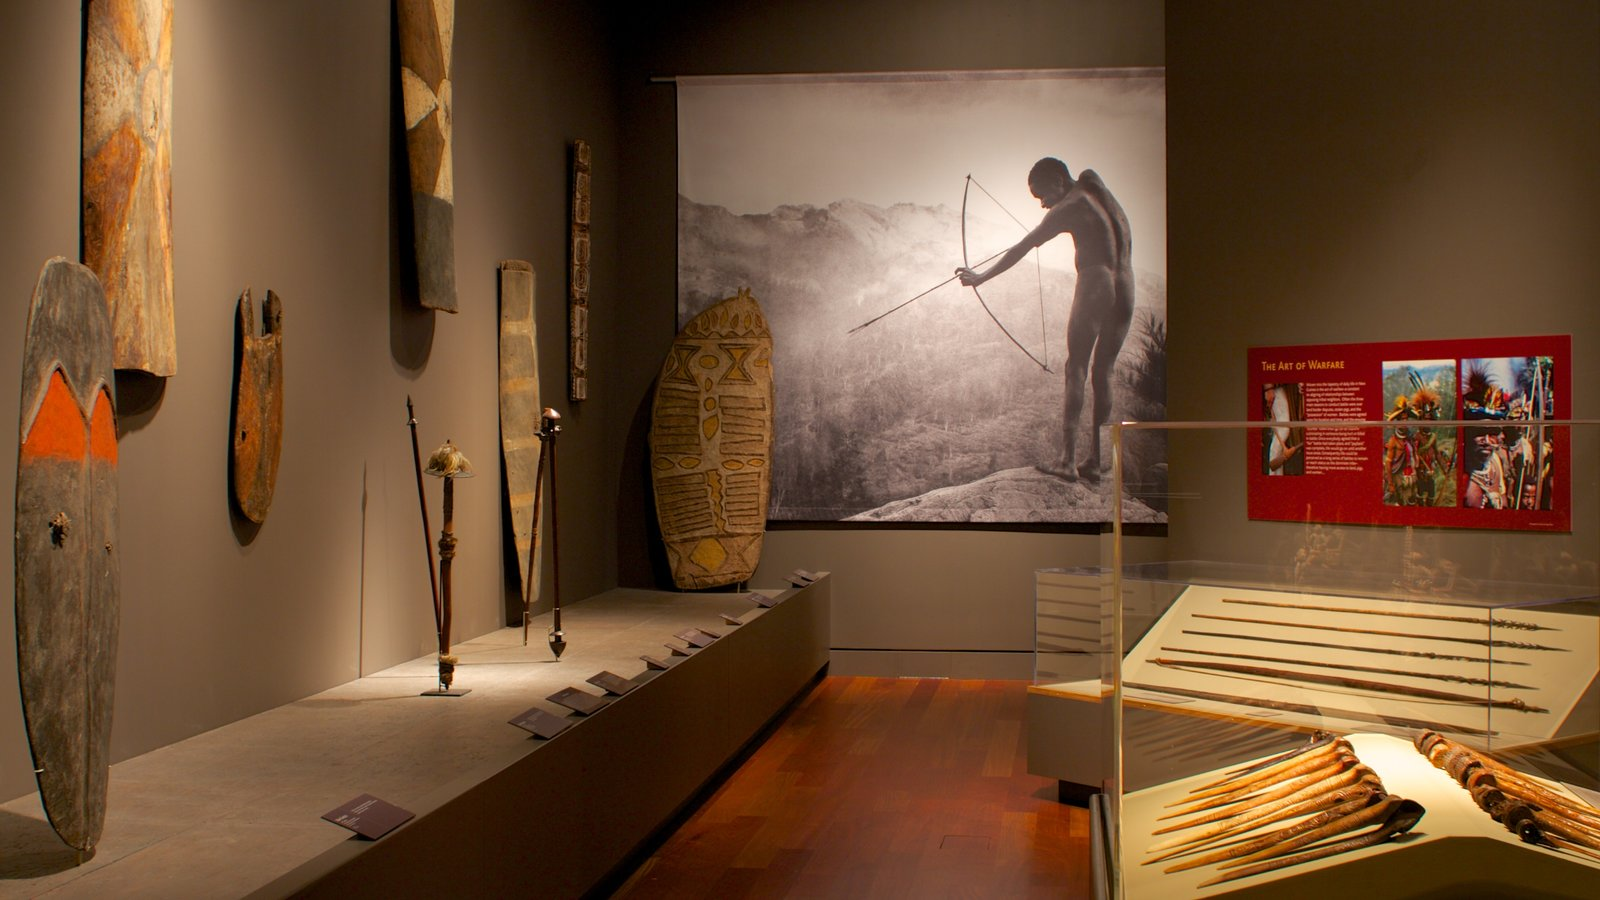 Museo Bowers ofreciendo vistas interiores